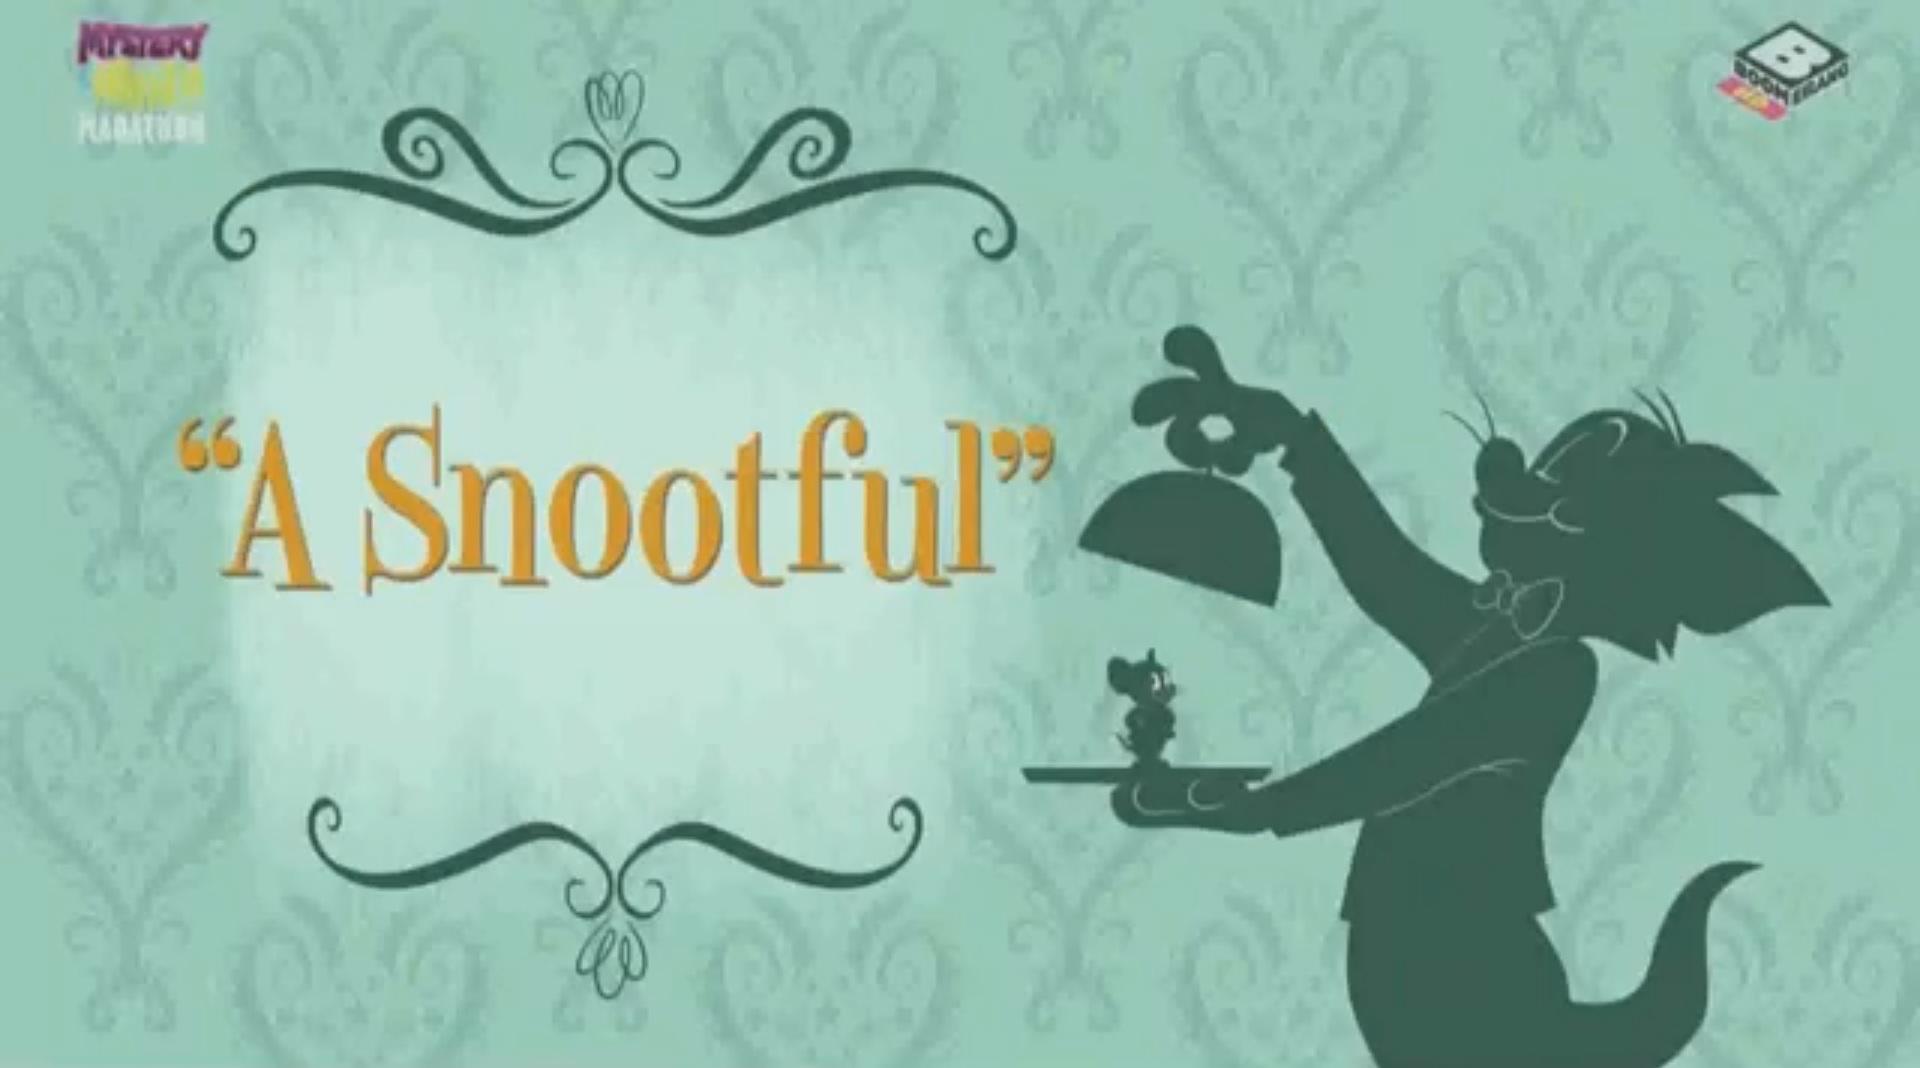 A Snootful